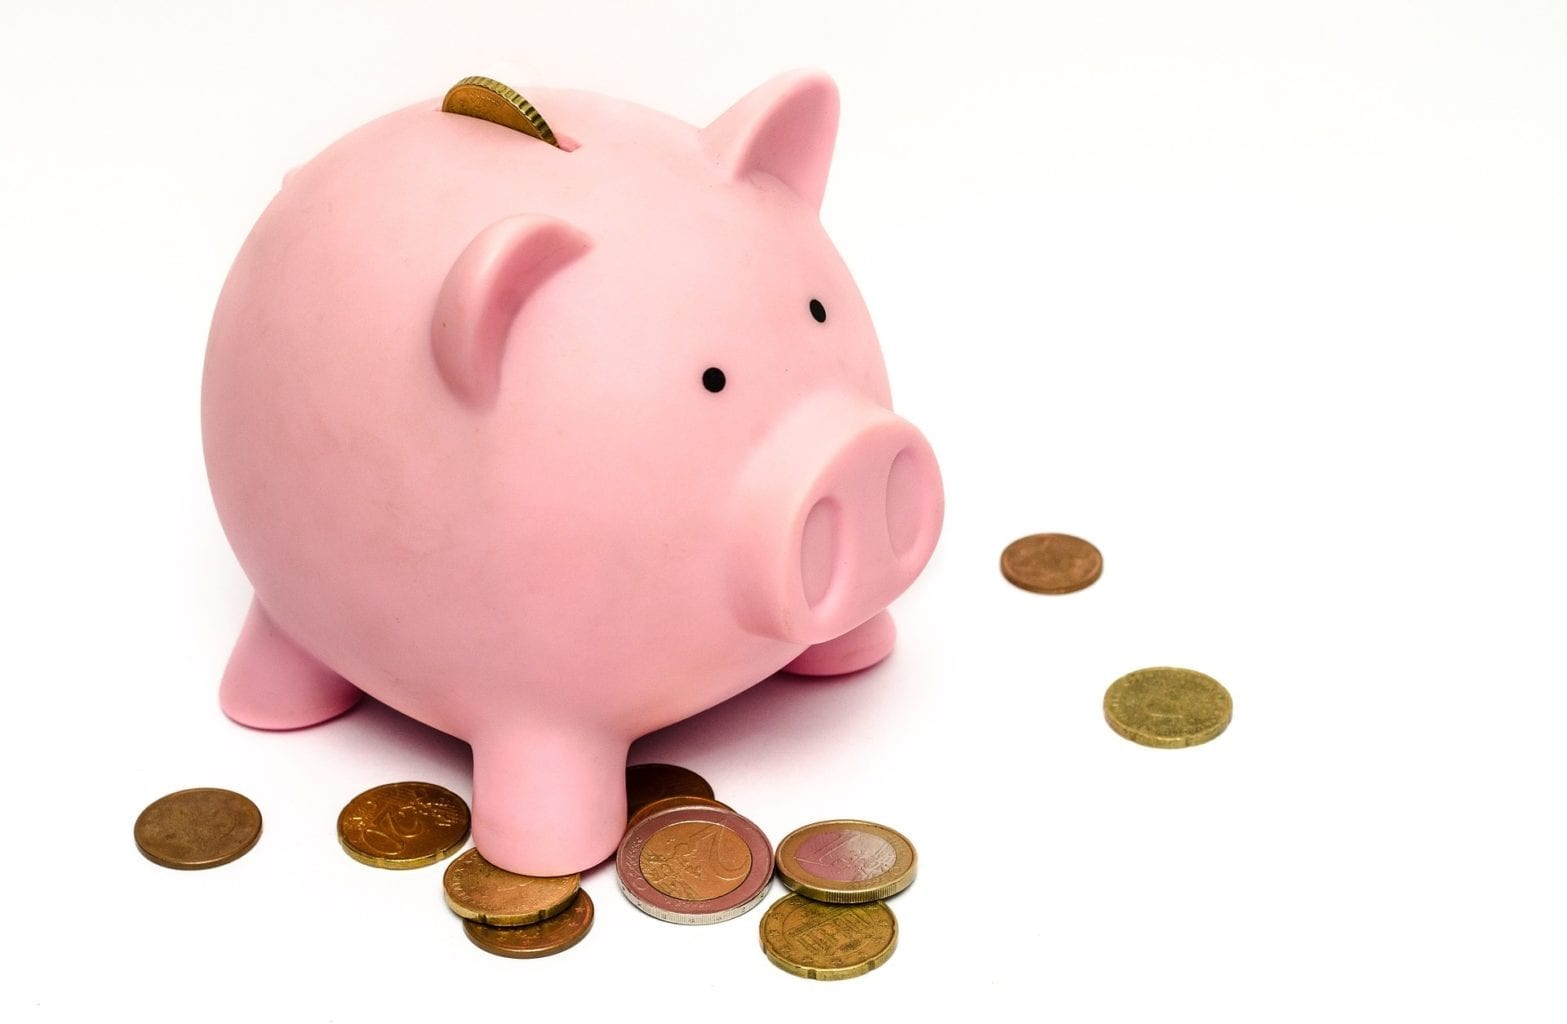 Recibos de Depósito Bancário (RDB): entenda o que são